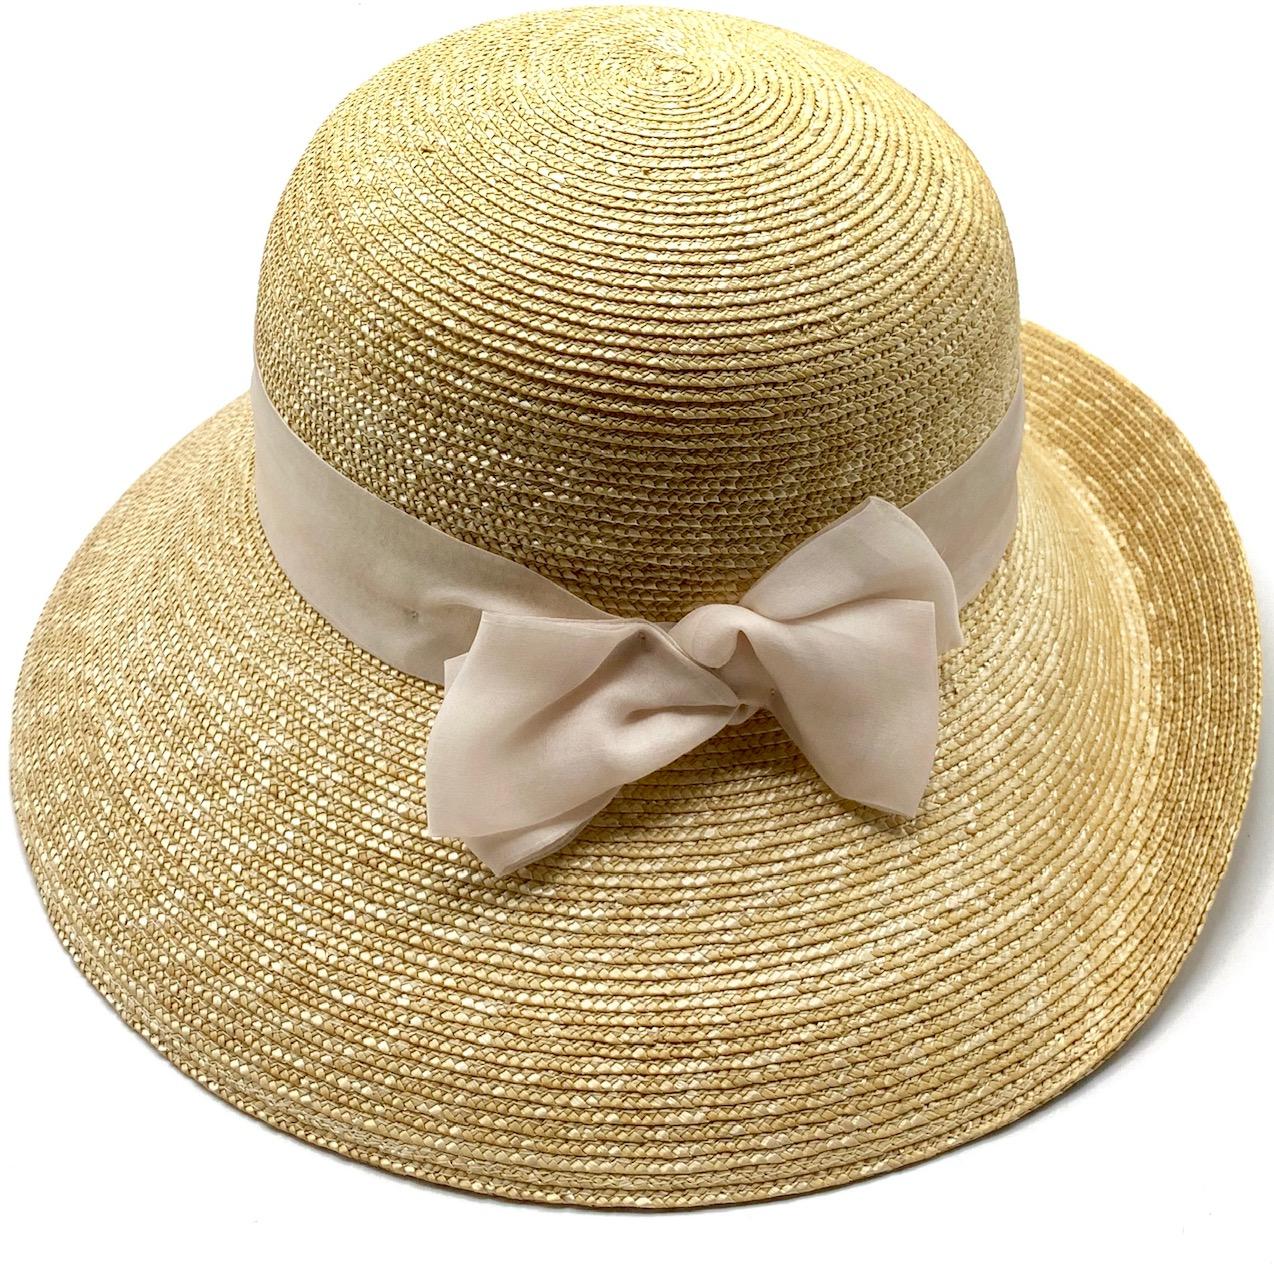 Cappello Audrey Donna in paglia naturale in stile romantico Rosa Nude Taglia 58